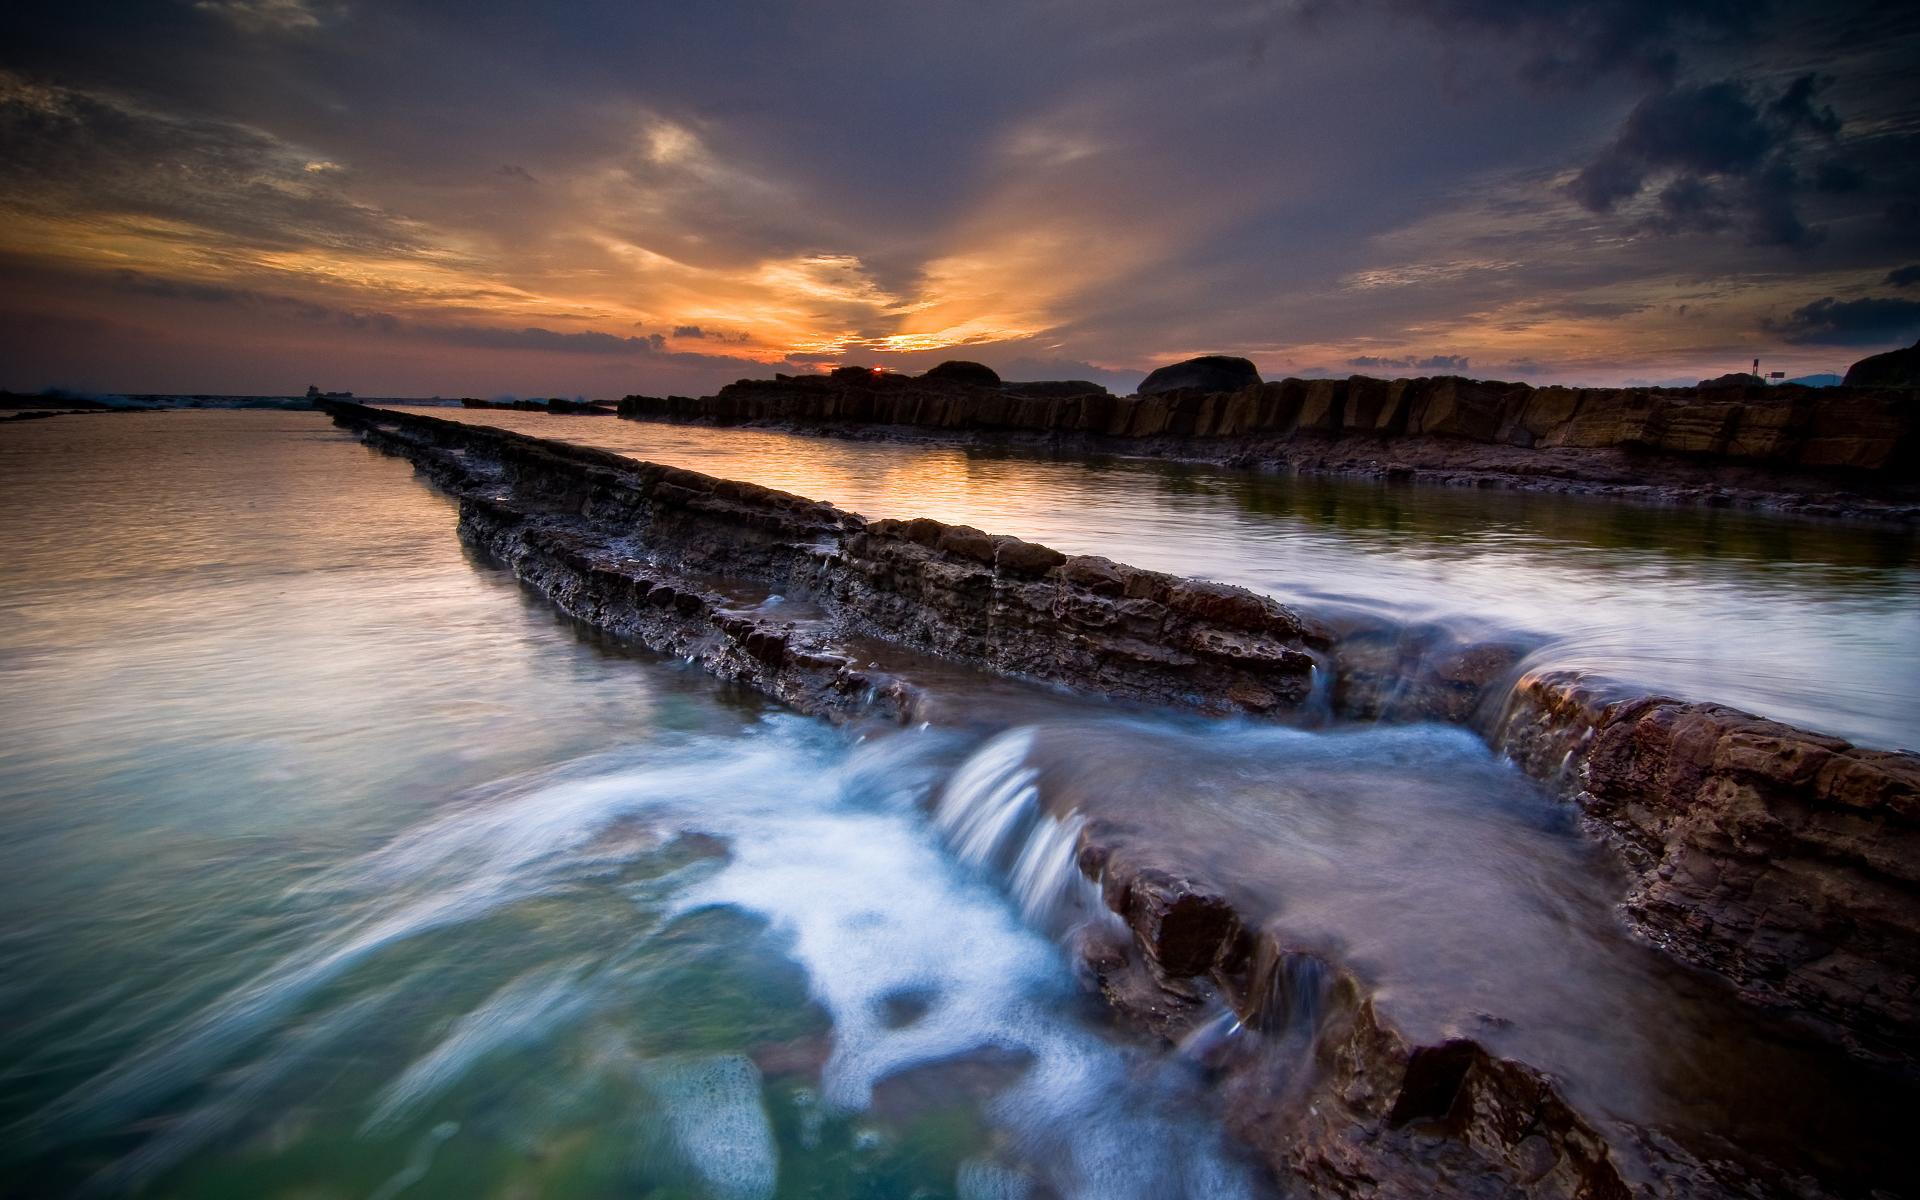 بالصور خلفيات الطبيعة , اجمل صور الطبيعه 5970 6